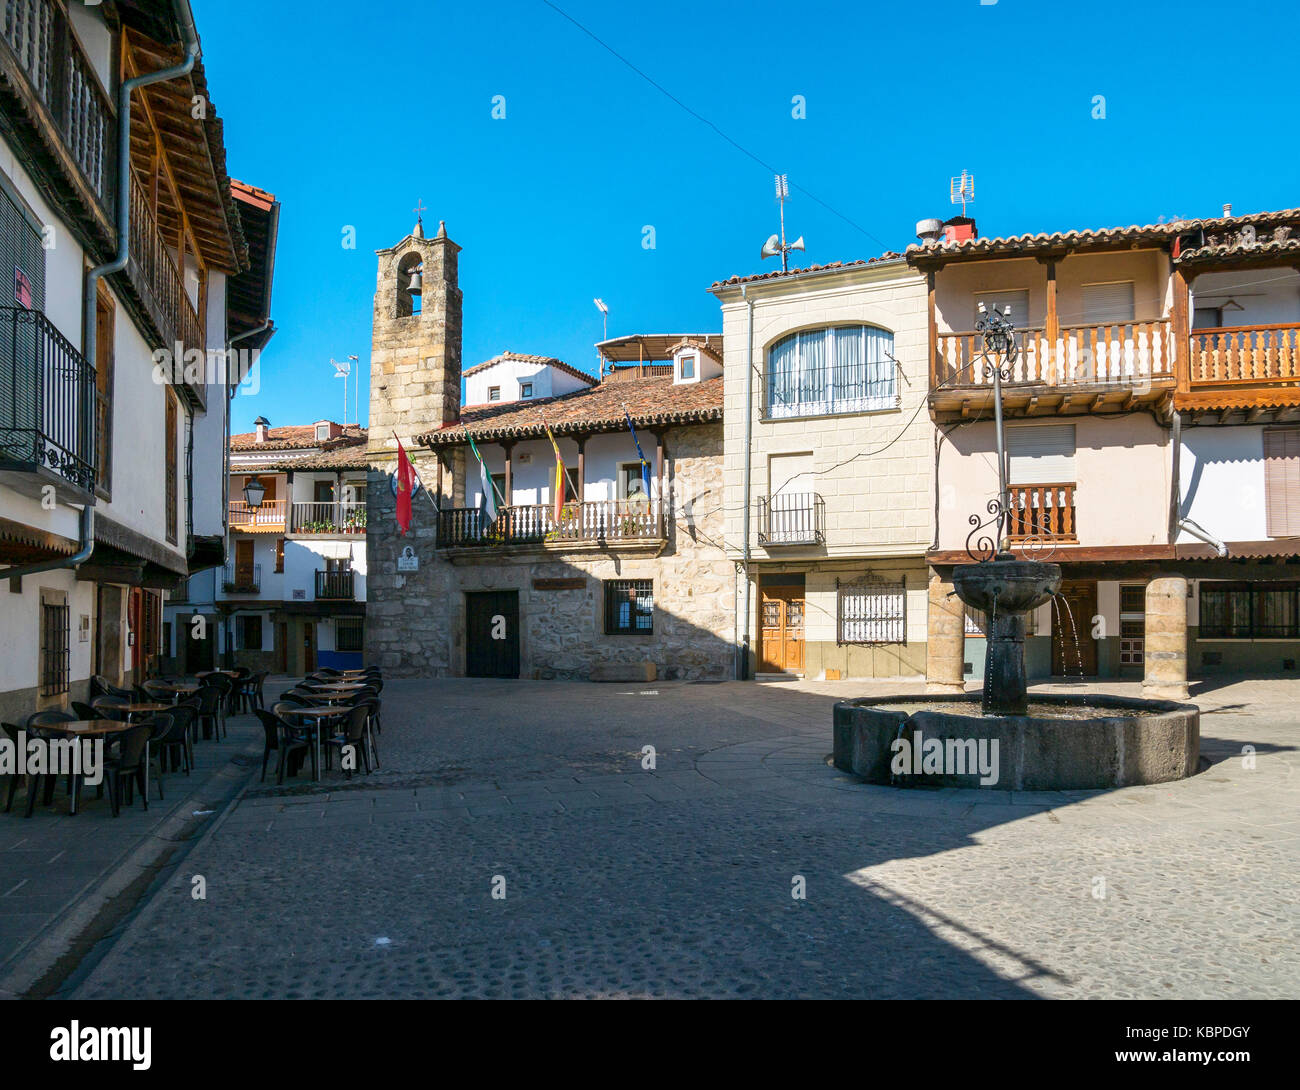 Ayuntamiento de Villanueva de la Vera. Cáceres. Extremadura. España - Stock Image